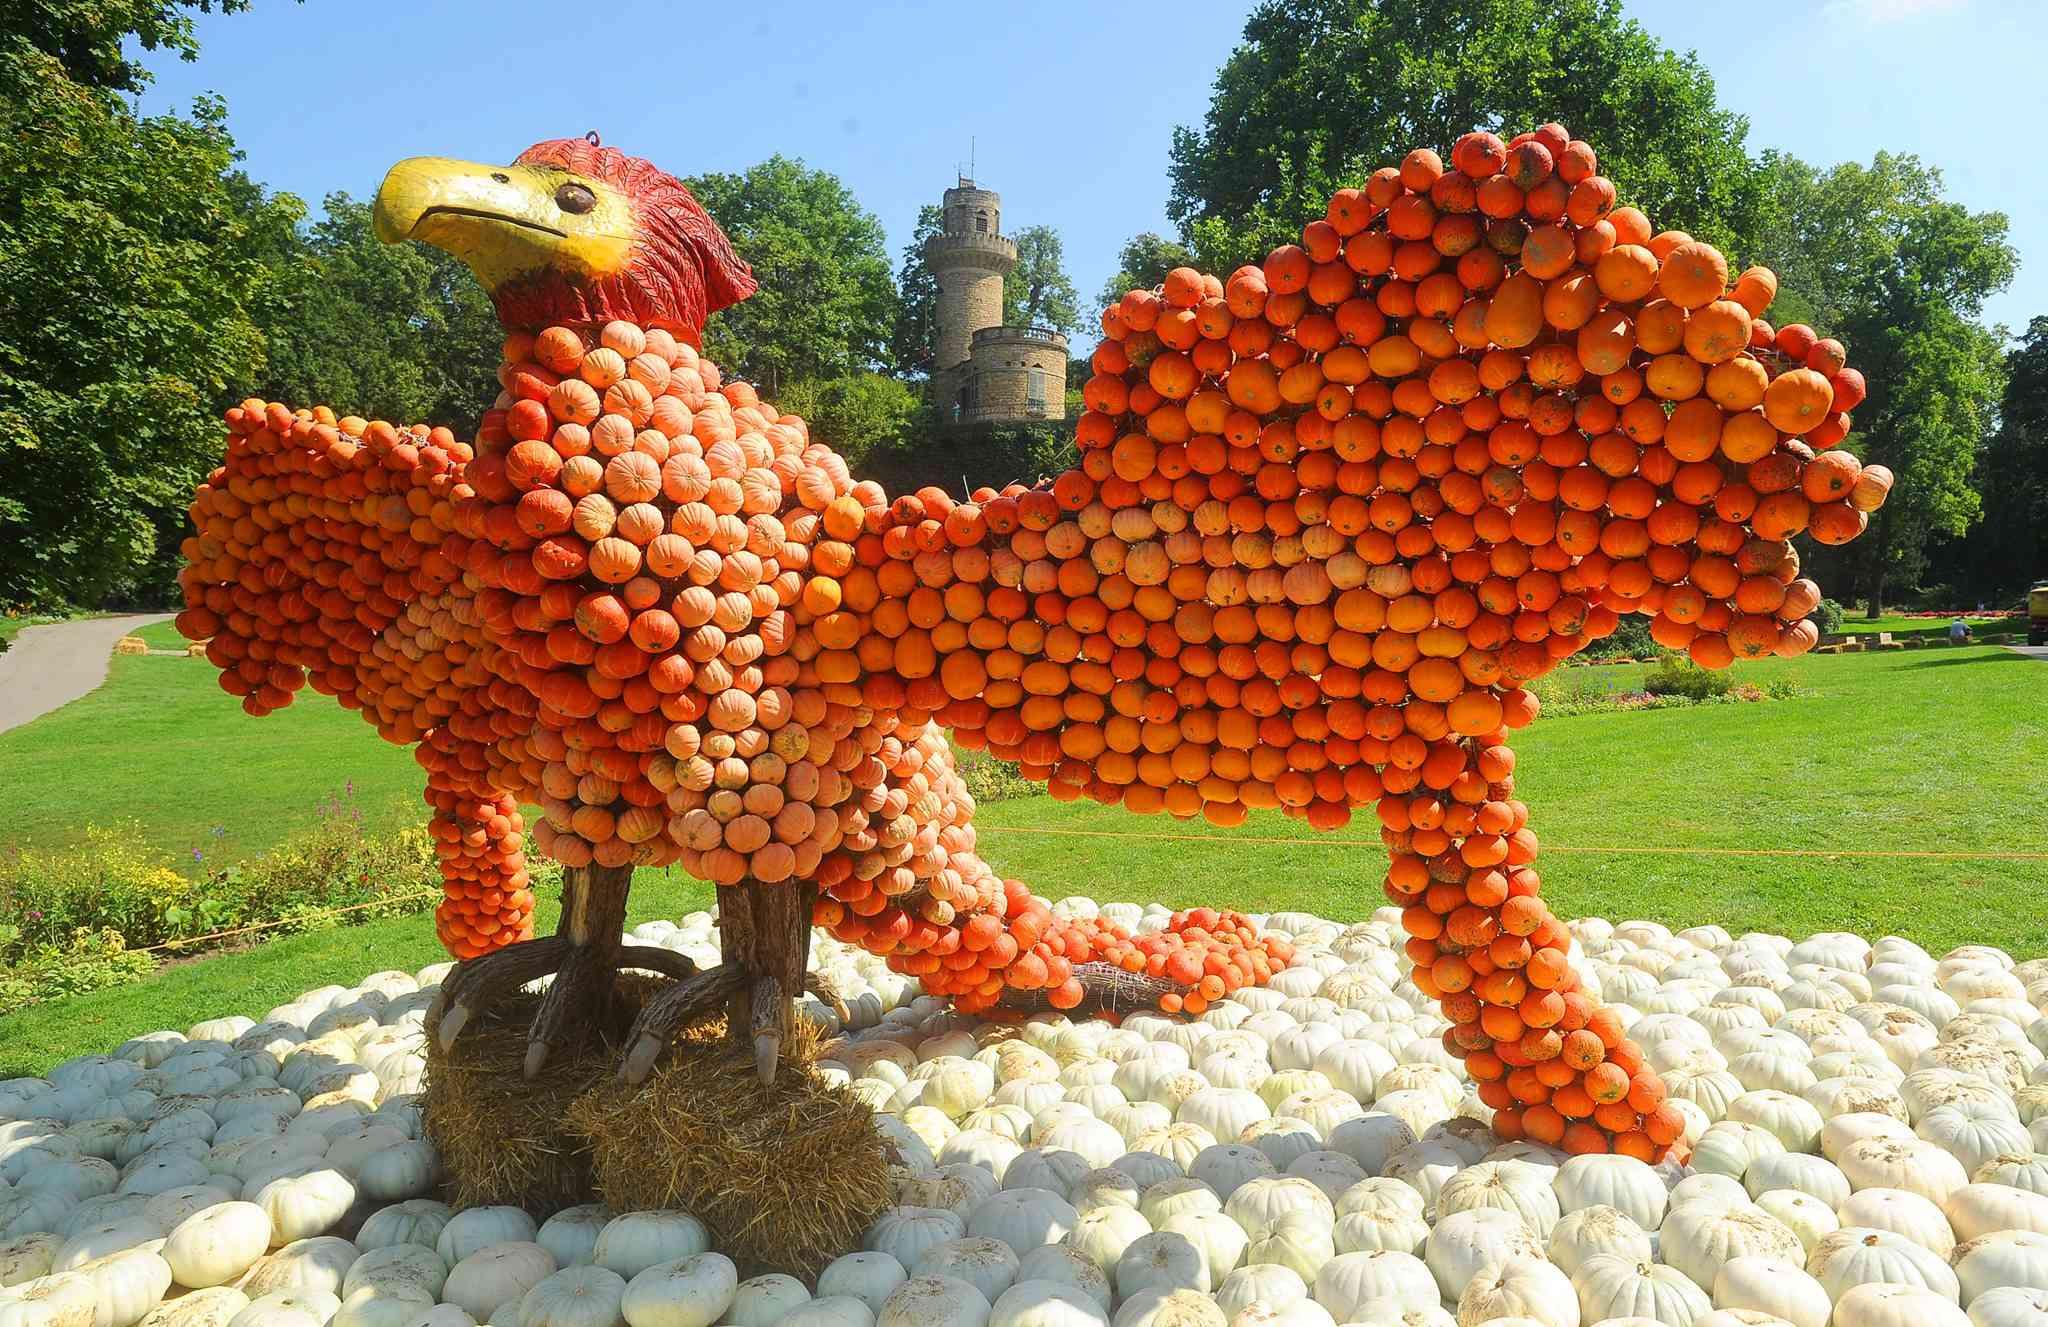 Sculpture of a bird made out of pumpkins